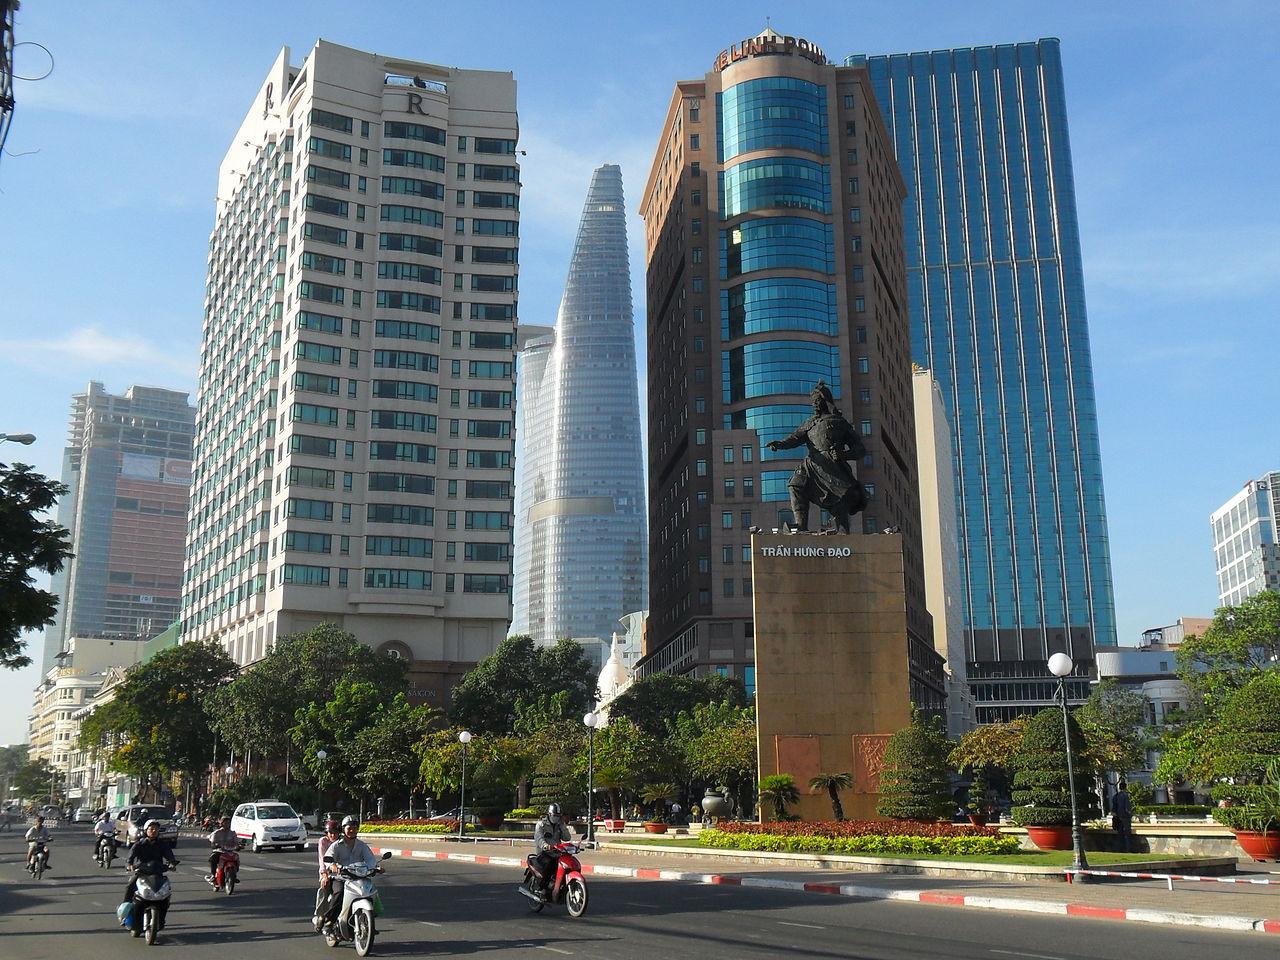 Kinh tế Việt Nam căng thẳng theo biển Đông